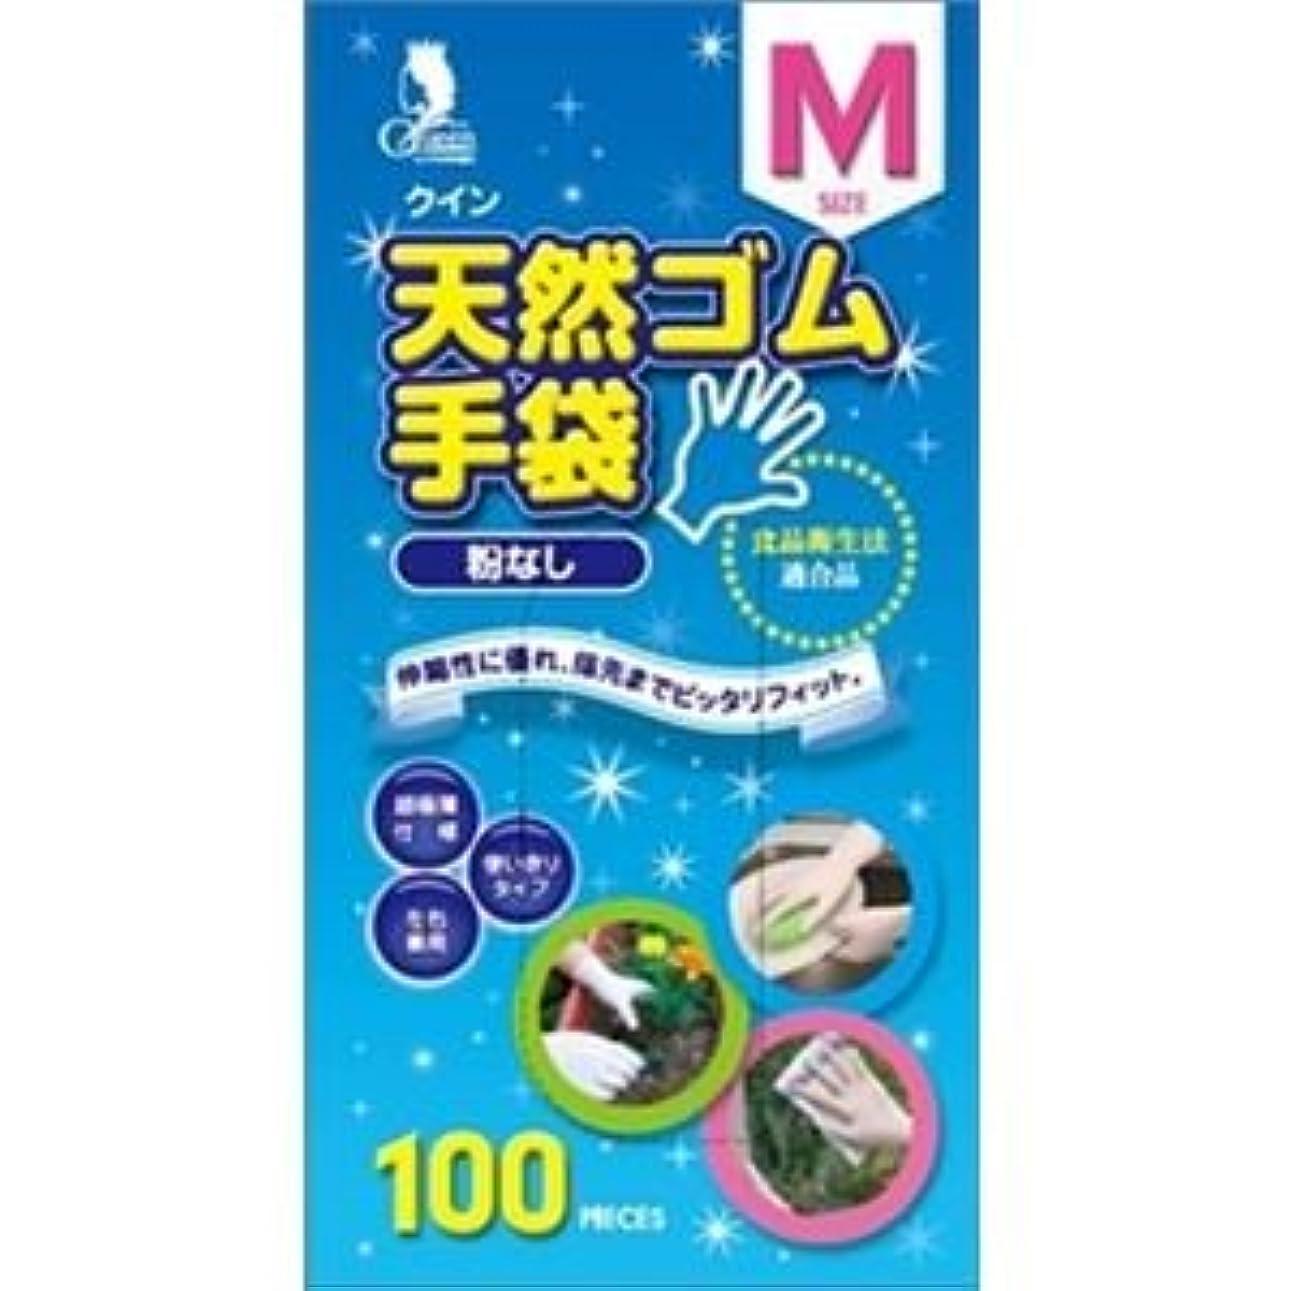 気づくなるラフ睡眠ご意見(まとめ)宇都宮製作 クイン天然ゴム手袋 M 100枚入 (N) 【×3点セット】